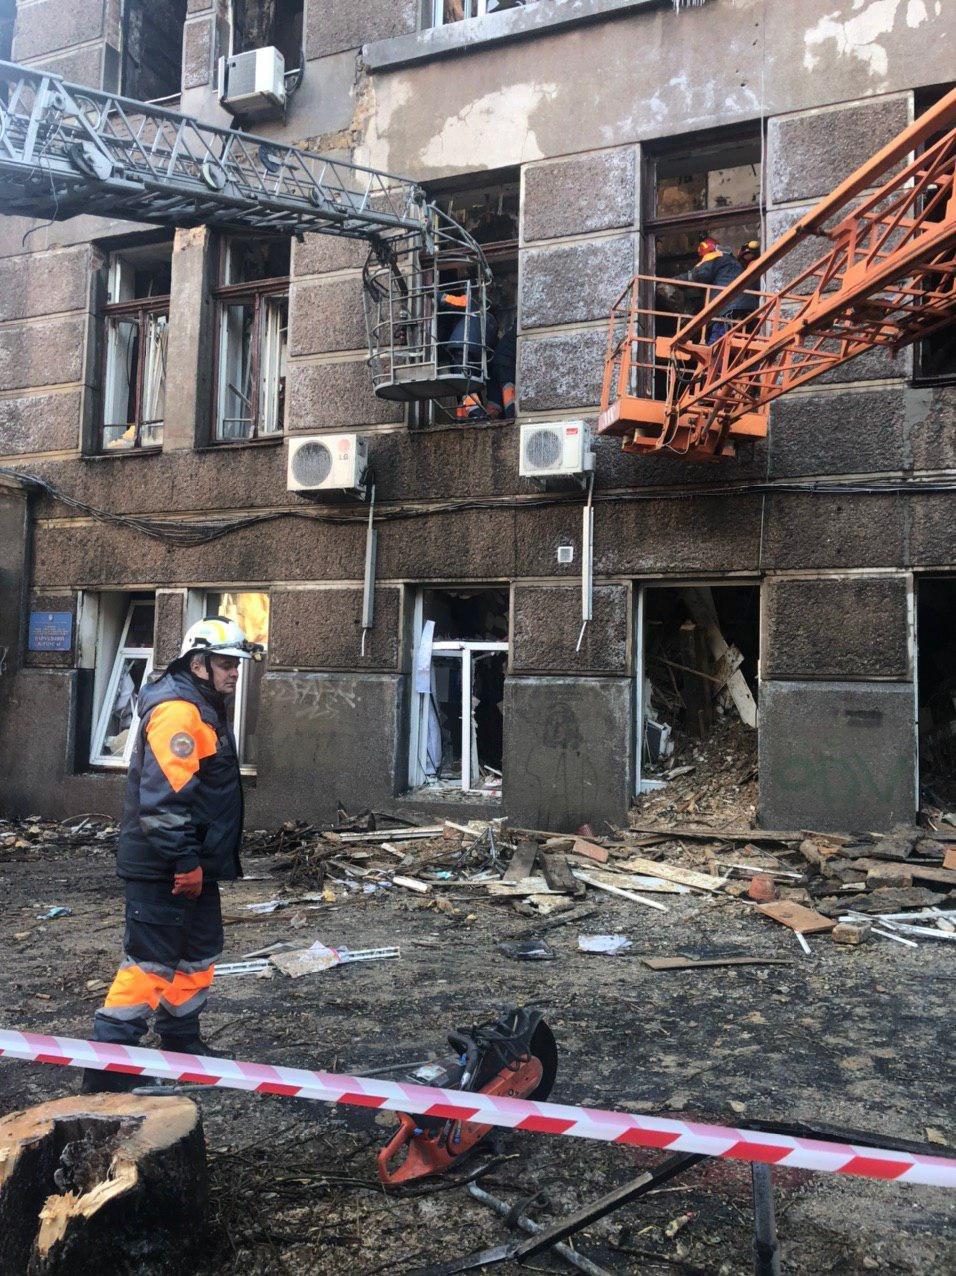 Пожар в Одессе на Троицкой: ситуация на сегодняшний день, - ФОТО, фото-2